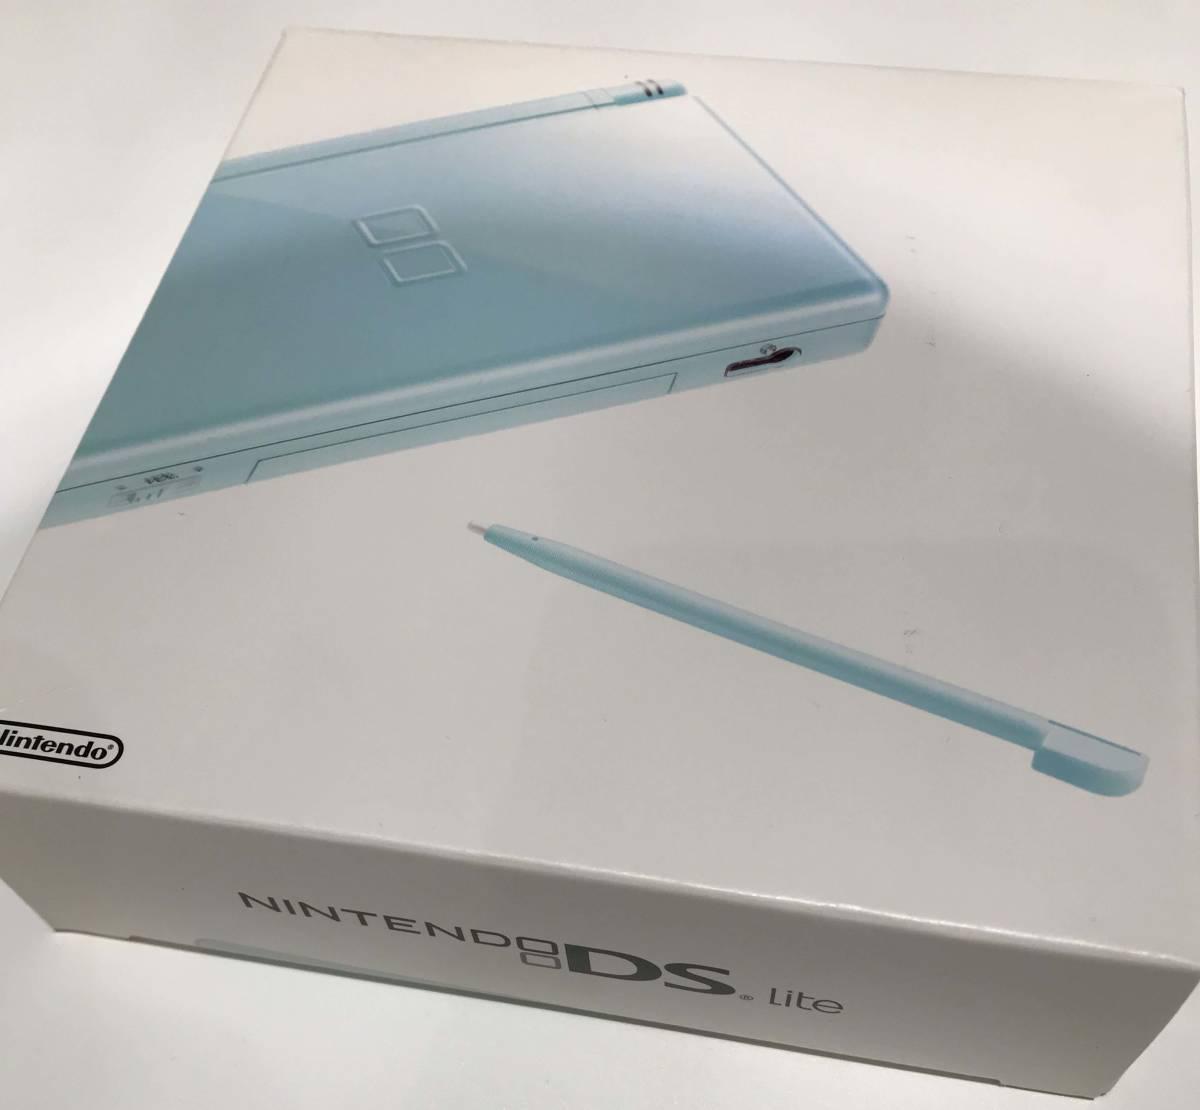 任天堂 nitendo DS Lite ほとんど使っていないままの本体/ Nintendo Switch や 3DS wii U などゲーム好きな方にどうぞ!ただ一つだけ…